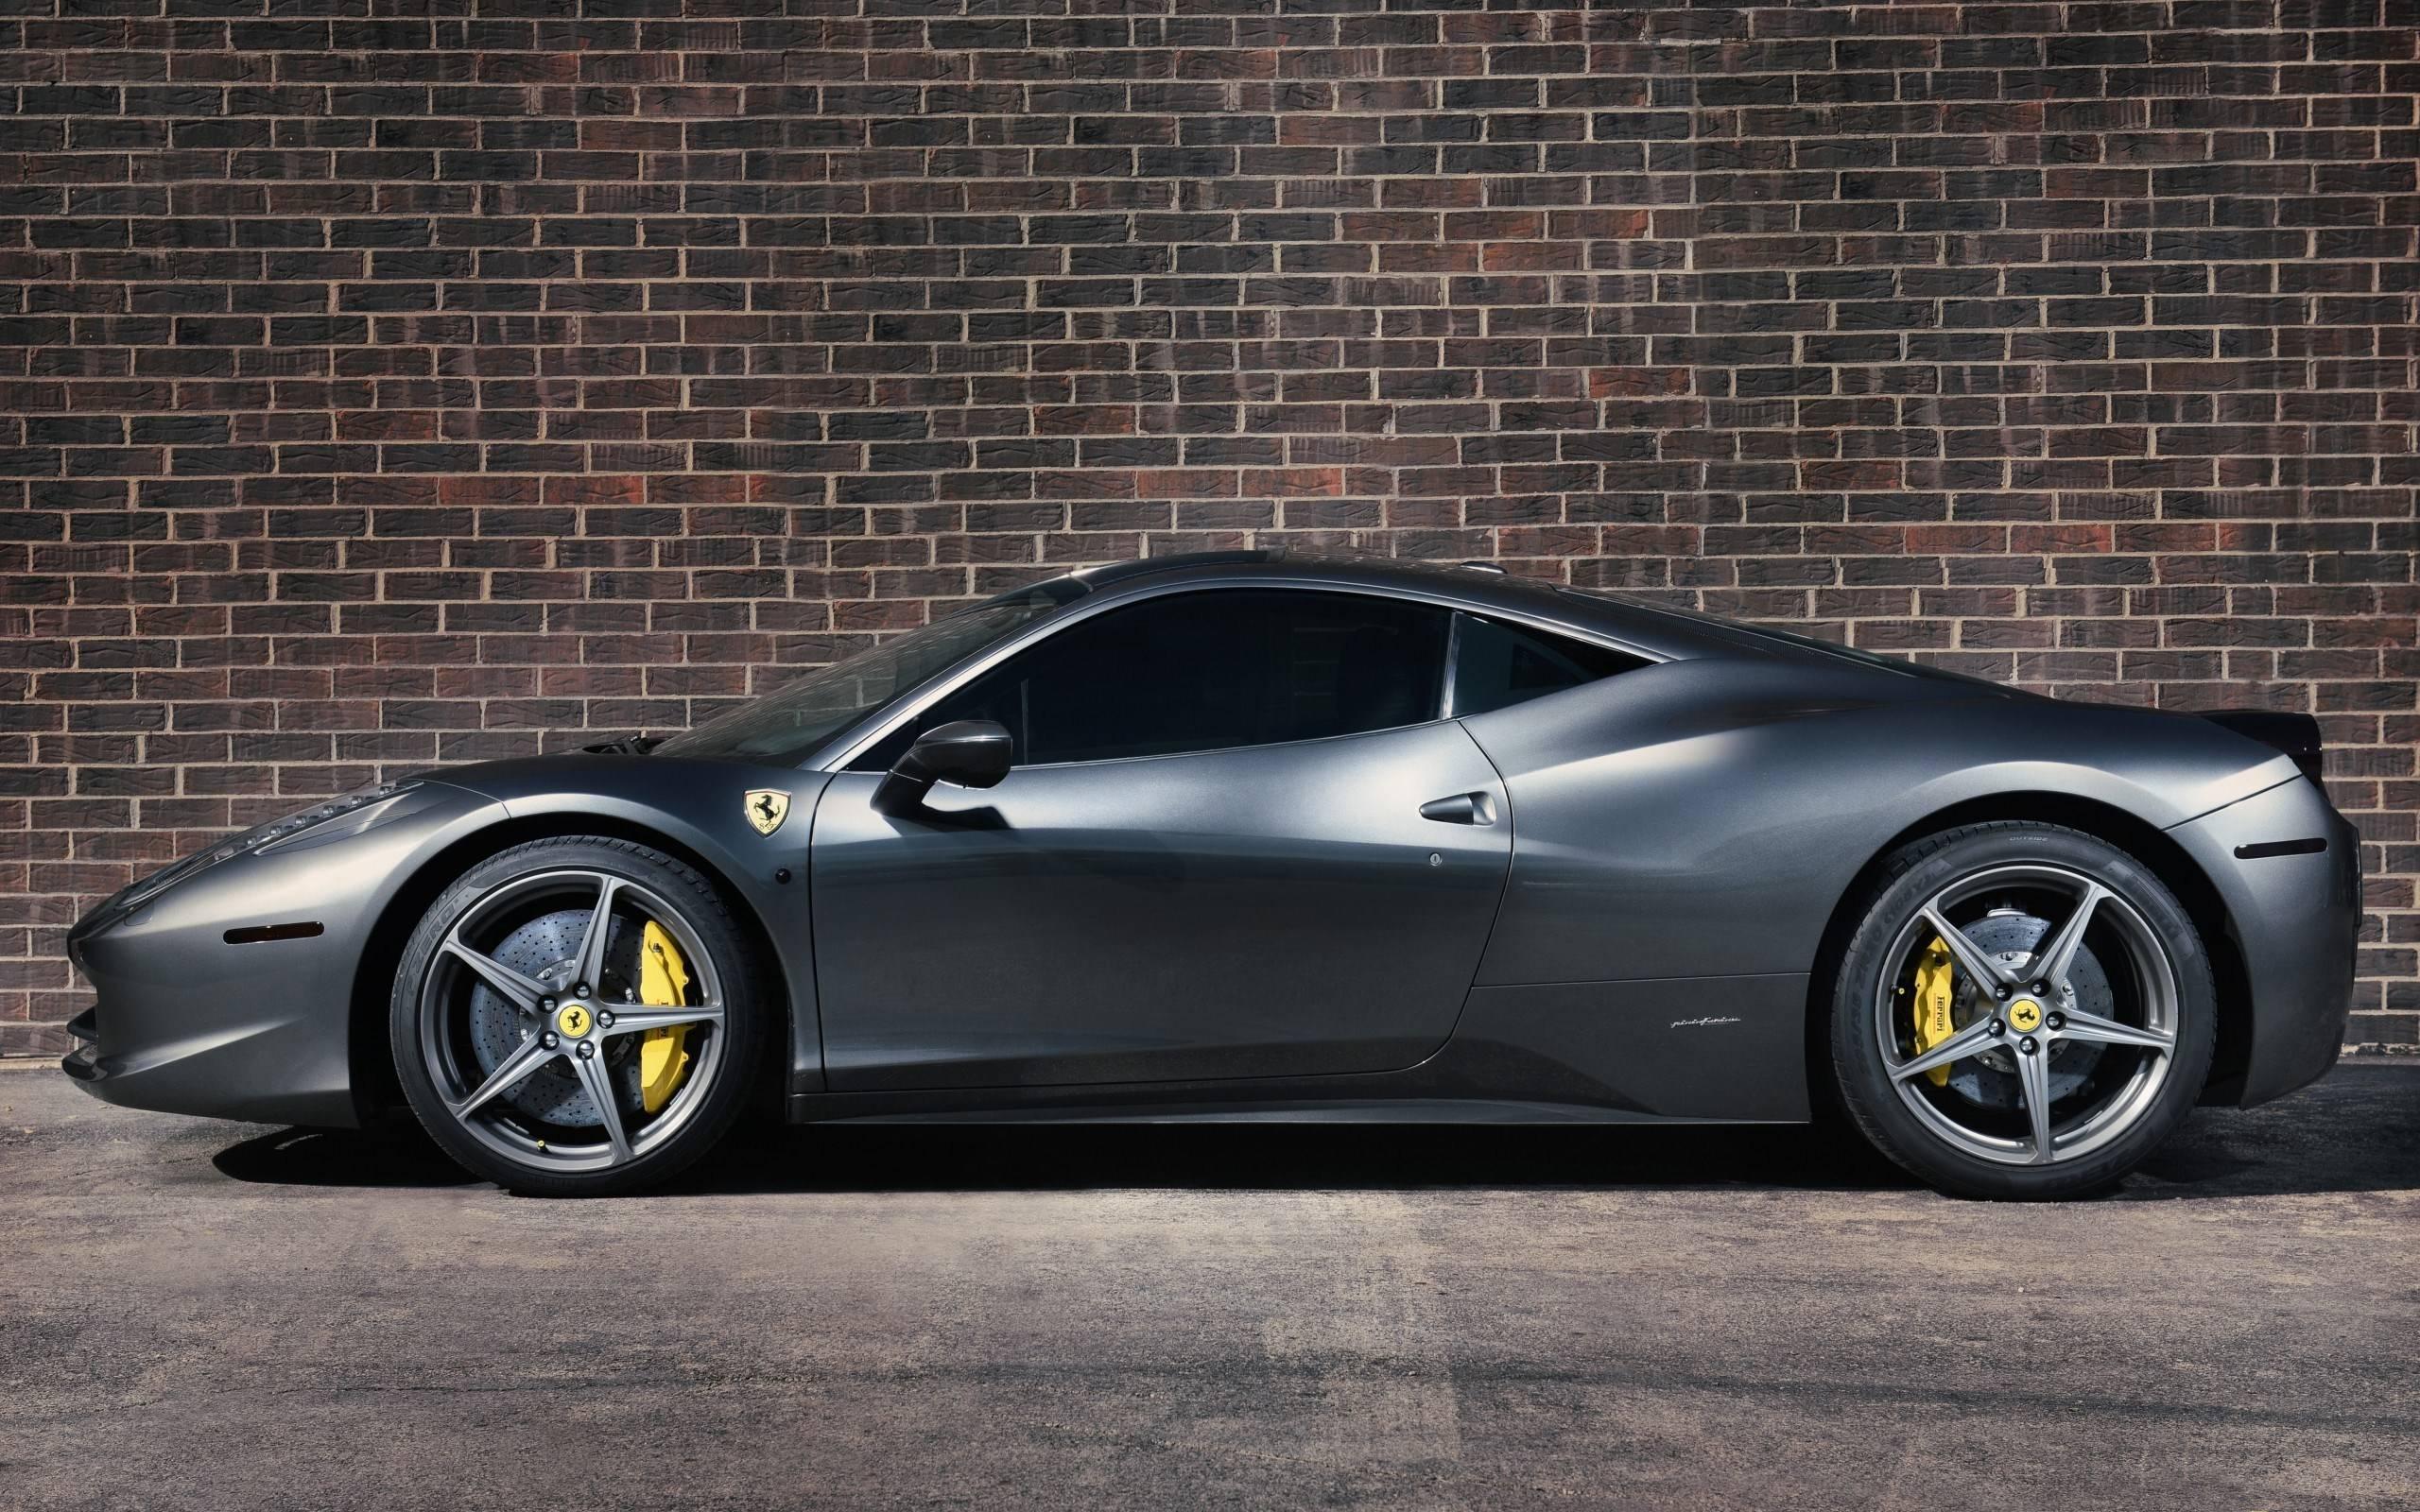 Black Ferrari Wallpaper Hd For Mobile